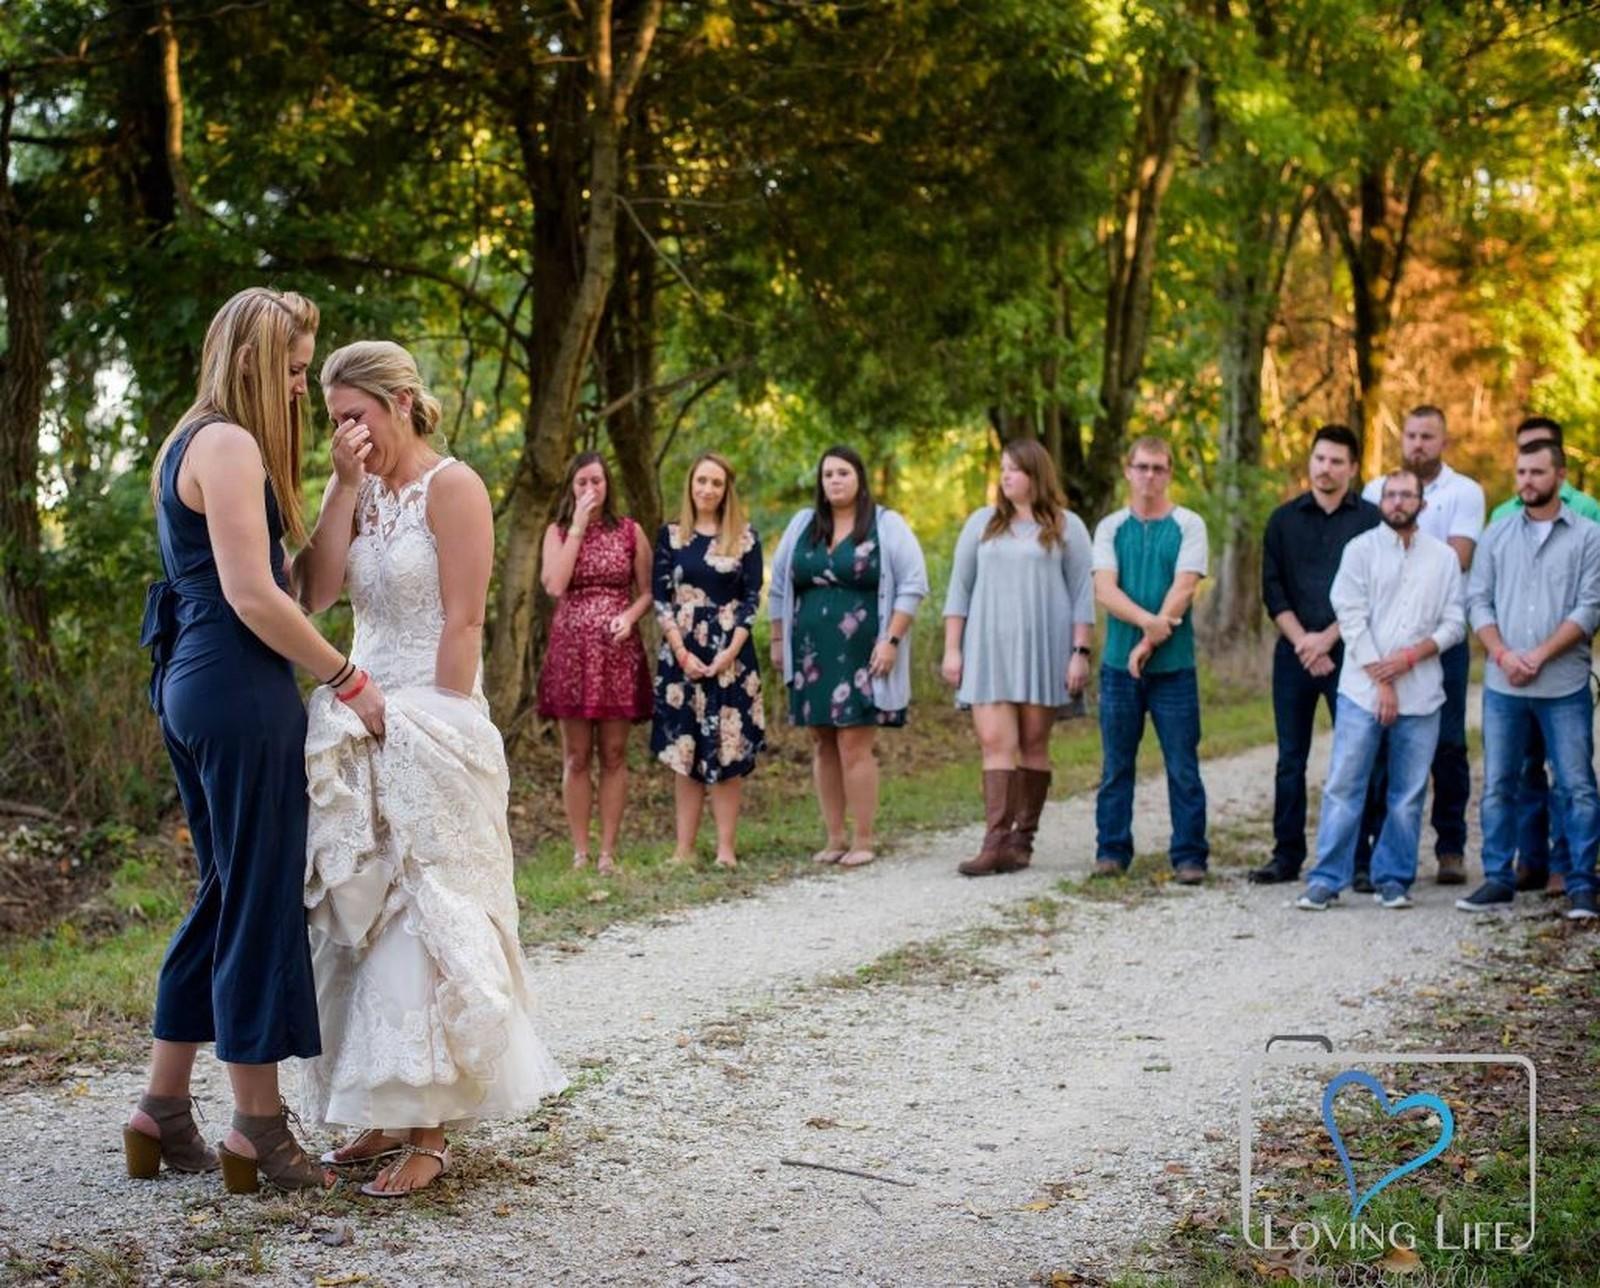 Vestida de noiva, jovem vai a túmulo de bombeiro no dia em que iriam se casar